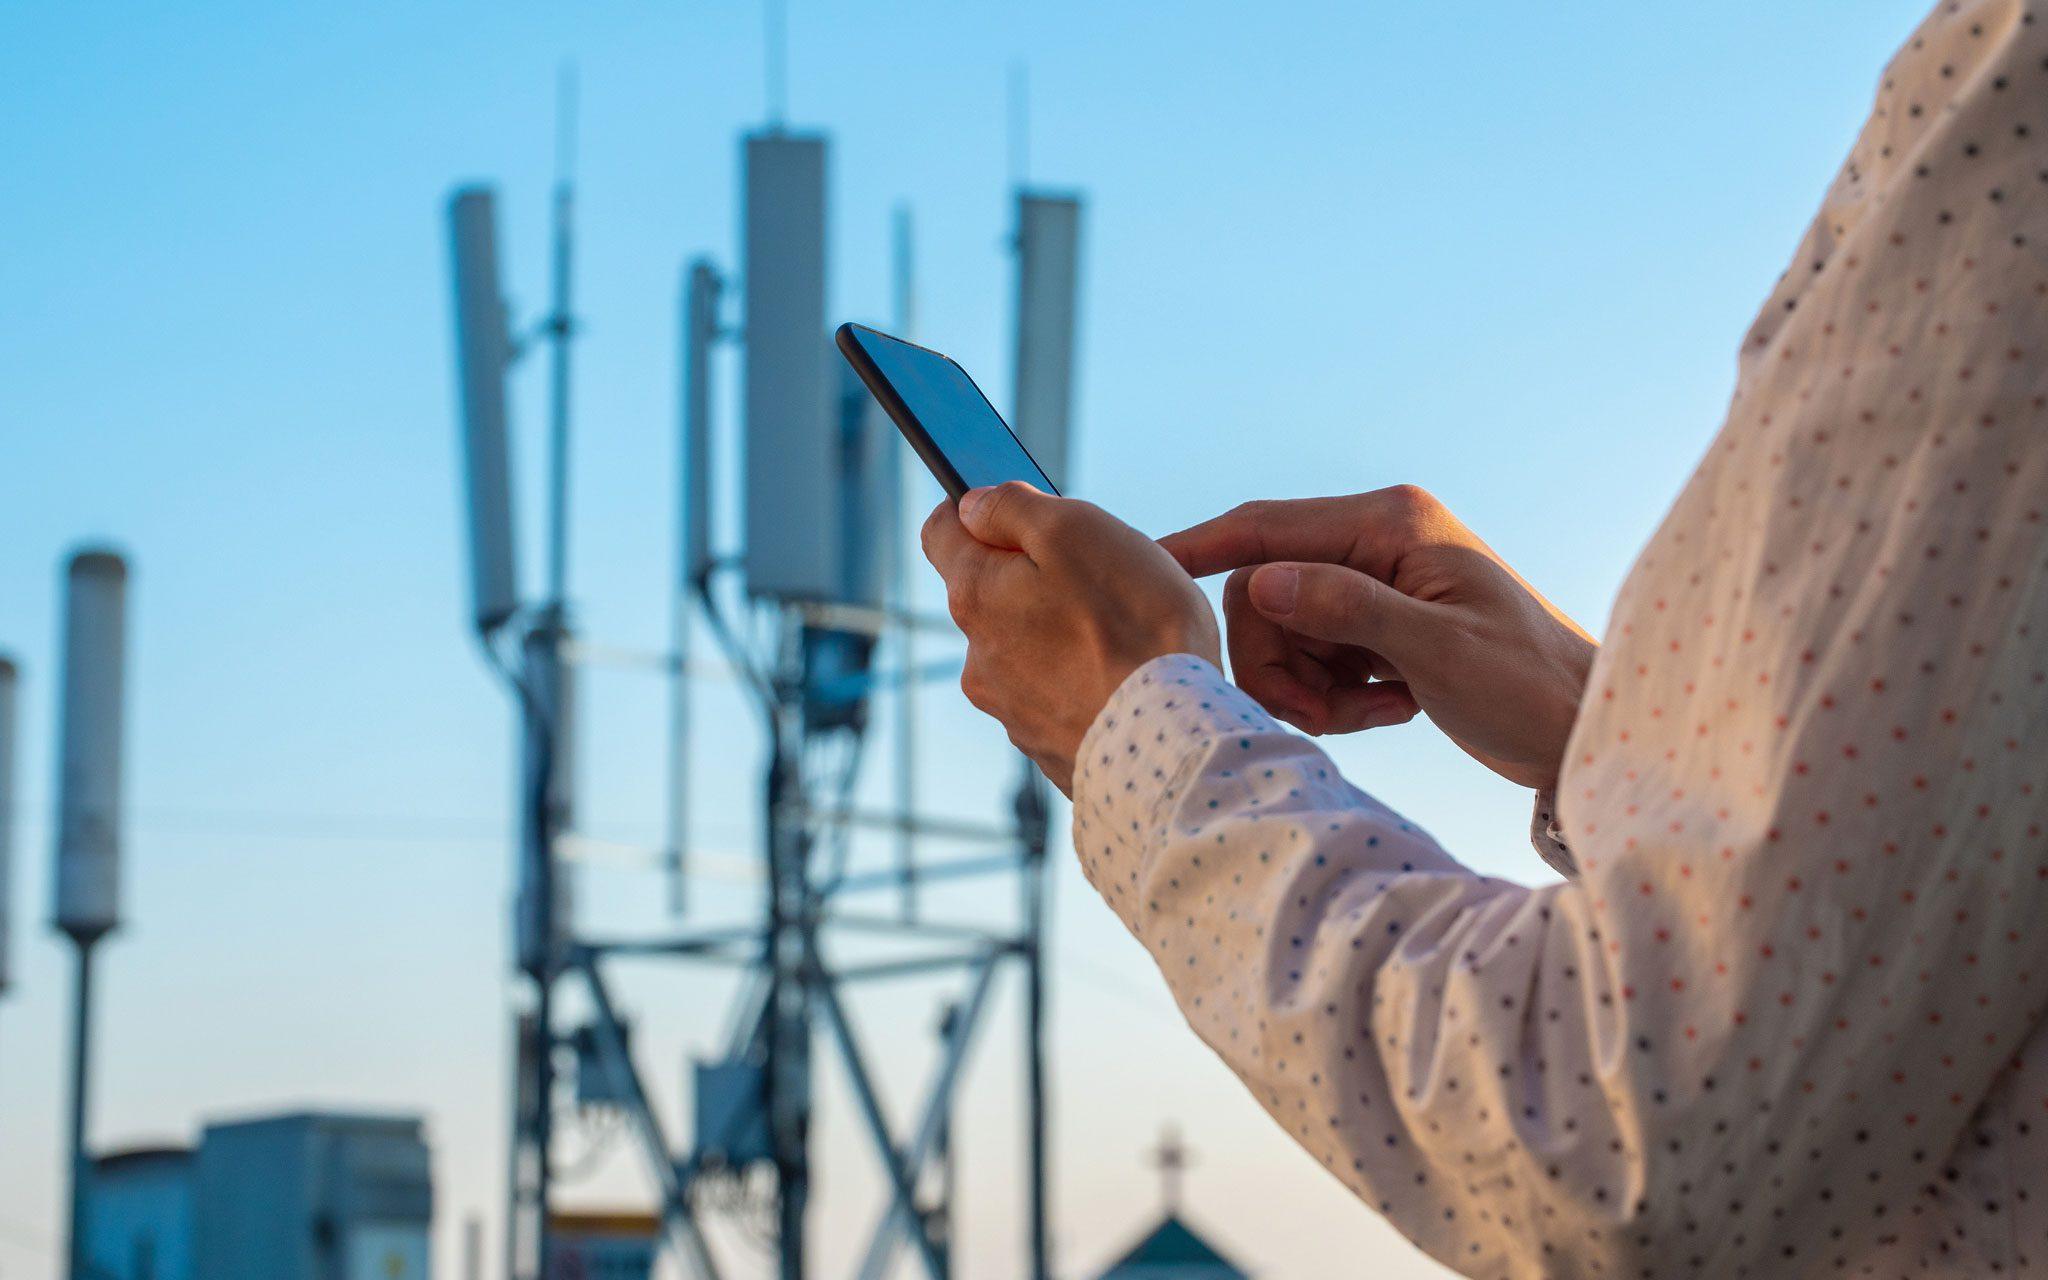 Männer Hand mit Telefon mit 5G Telekommunikationsstation Tower Hintergrund